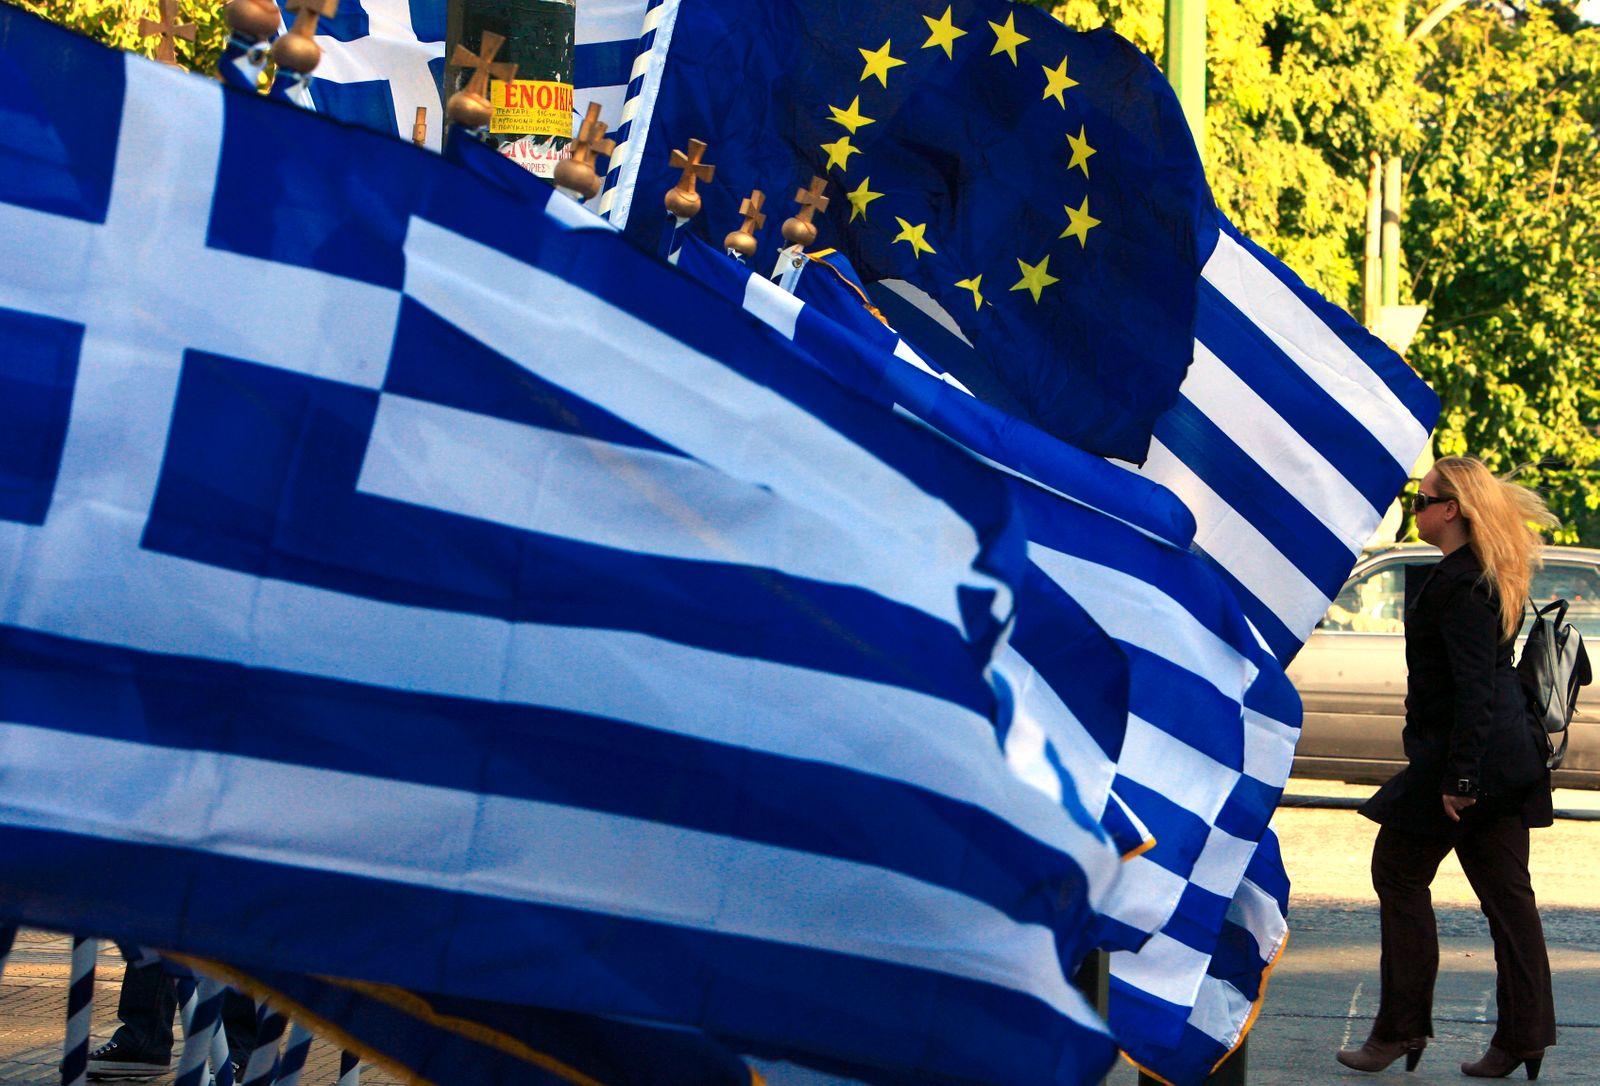 Griechenland / Finanzkrise / EU-Förderung